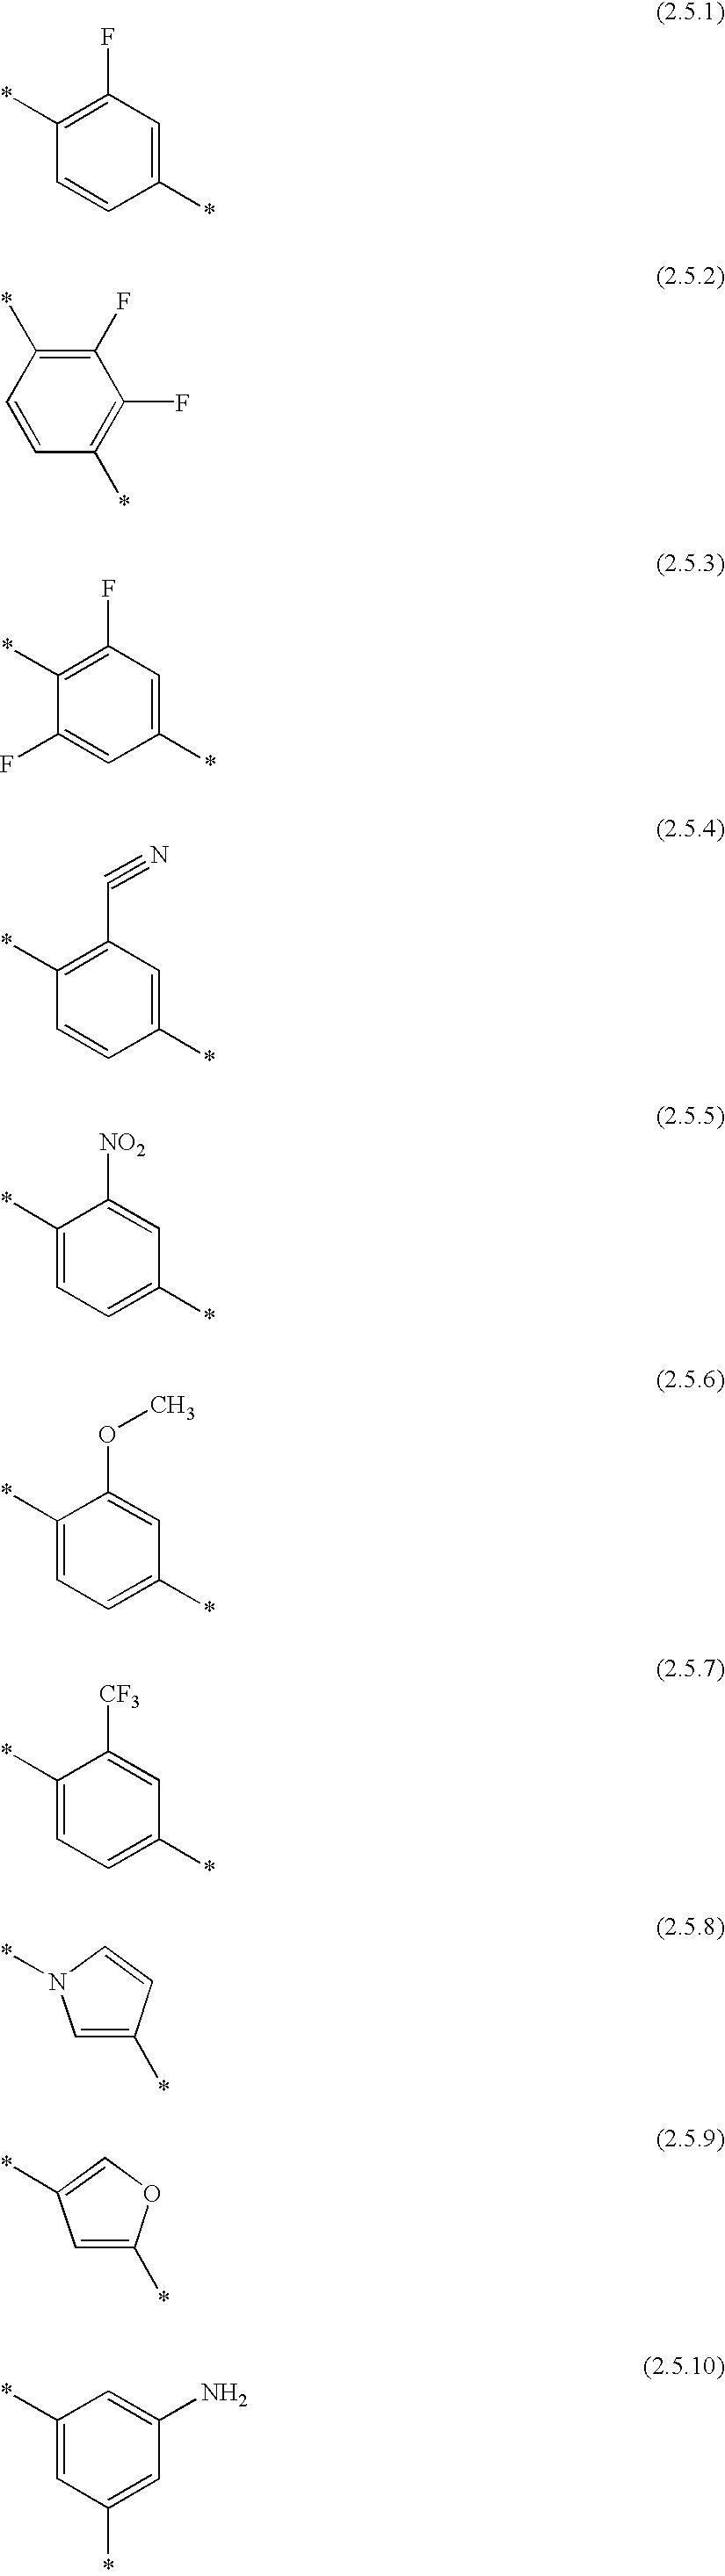 Figure US20030186974A1-20031002-C00331